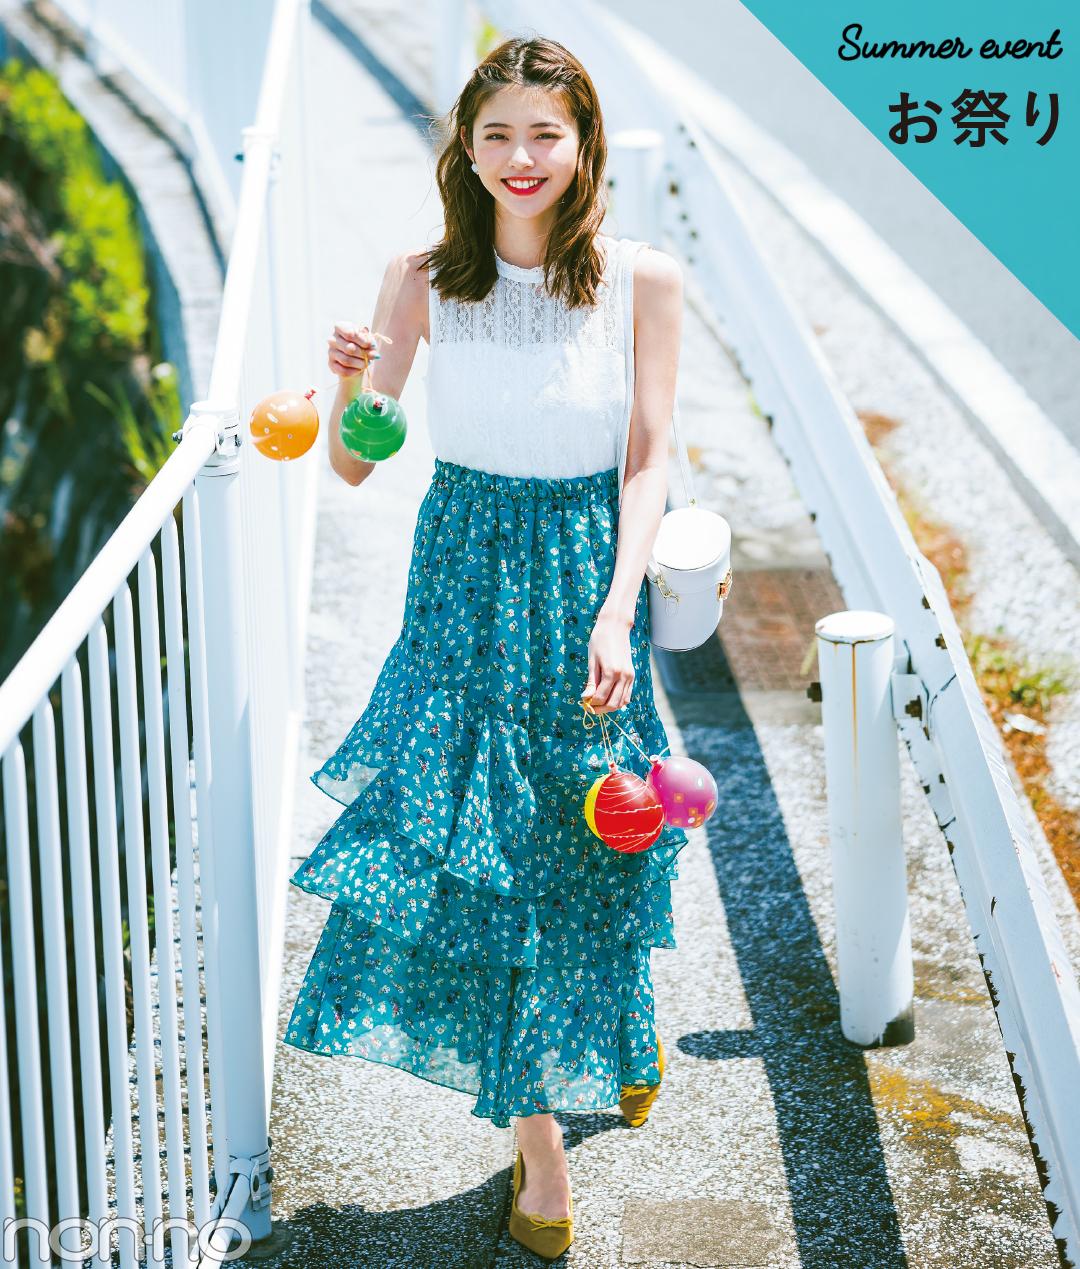 夏色プチプラ★ロングスカート、今買い足してもこんなに着回せる実例&カタログ!_1_3-1